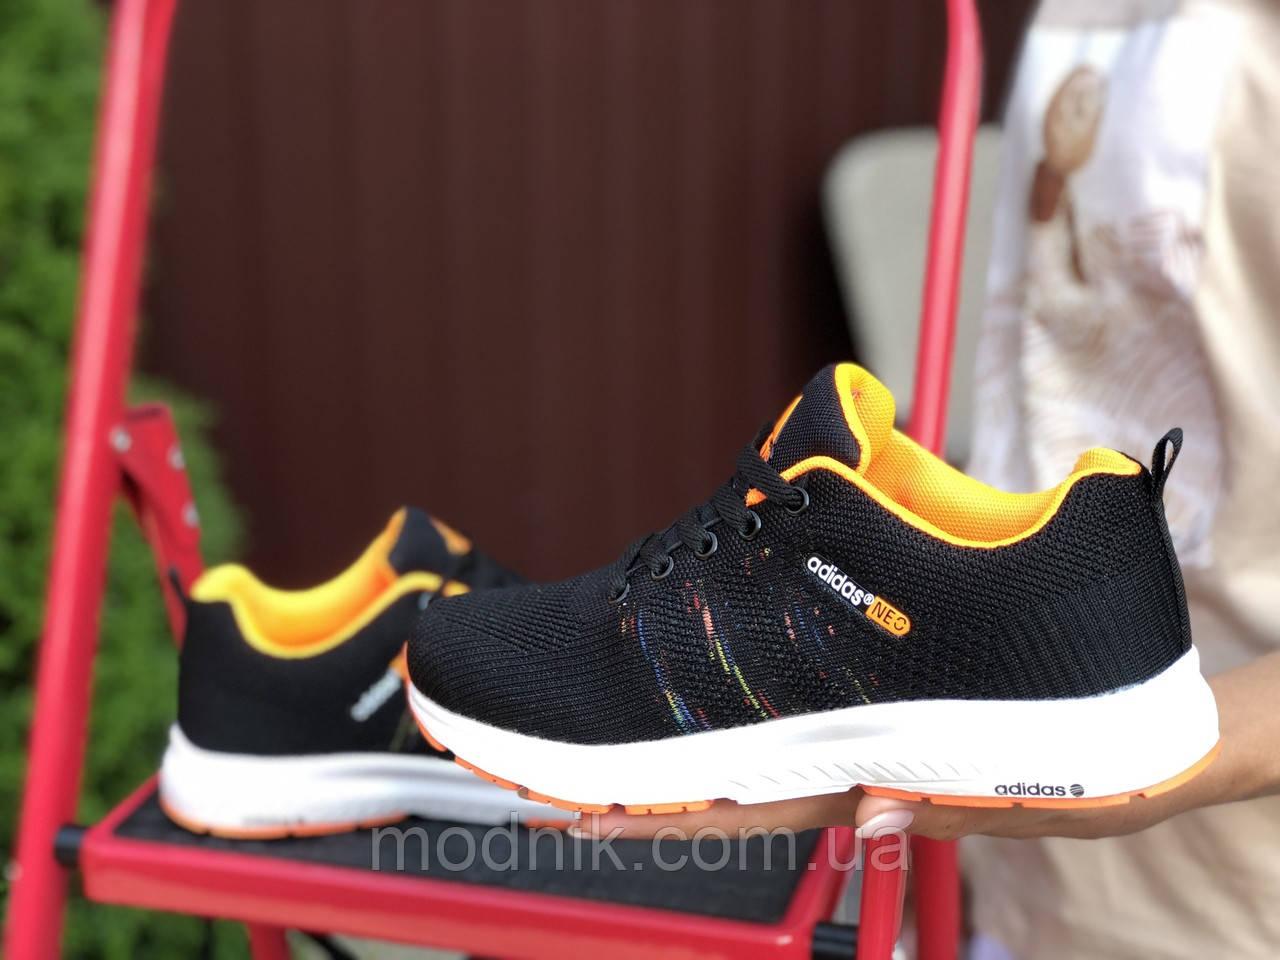 Женские кроссовки Adidas Neo (черно-белые с оранжевым) 9708